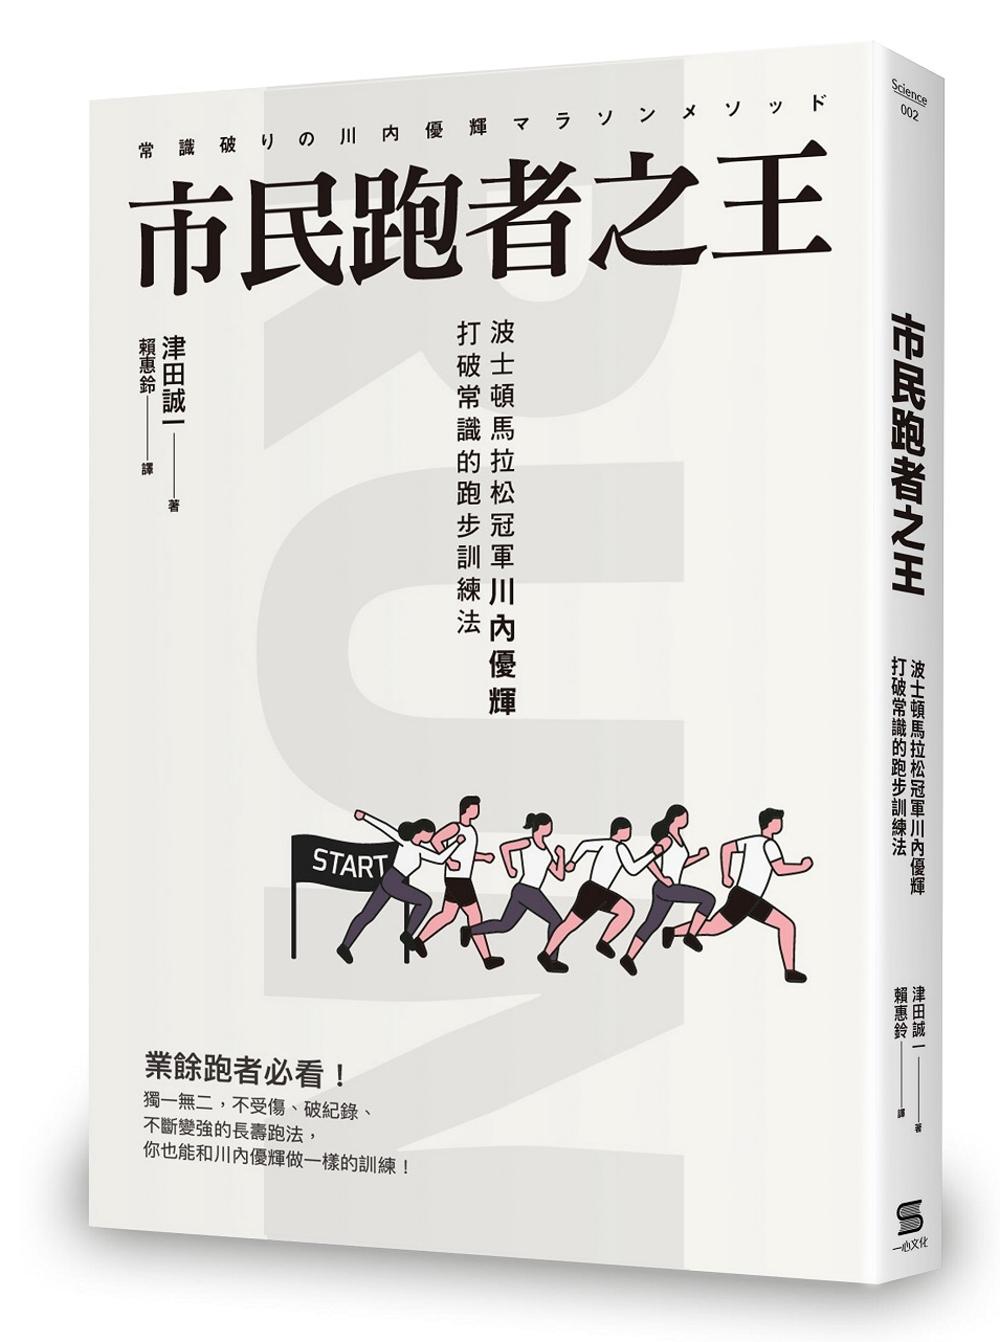 市民跑者之王:波士頓馬拉松冠軍川內優輝打破常識的跑步訓練法